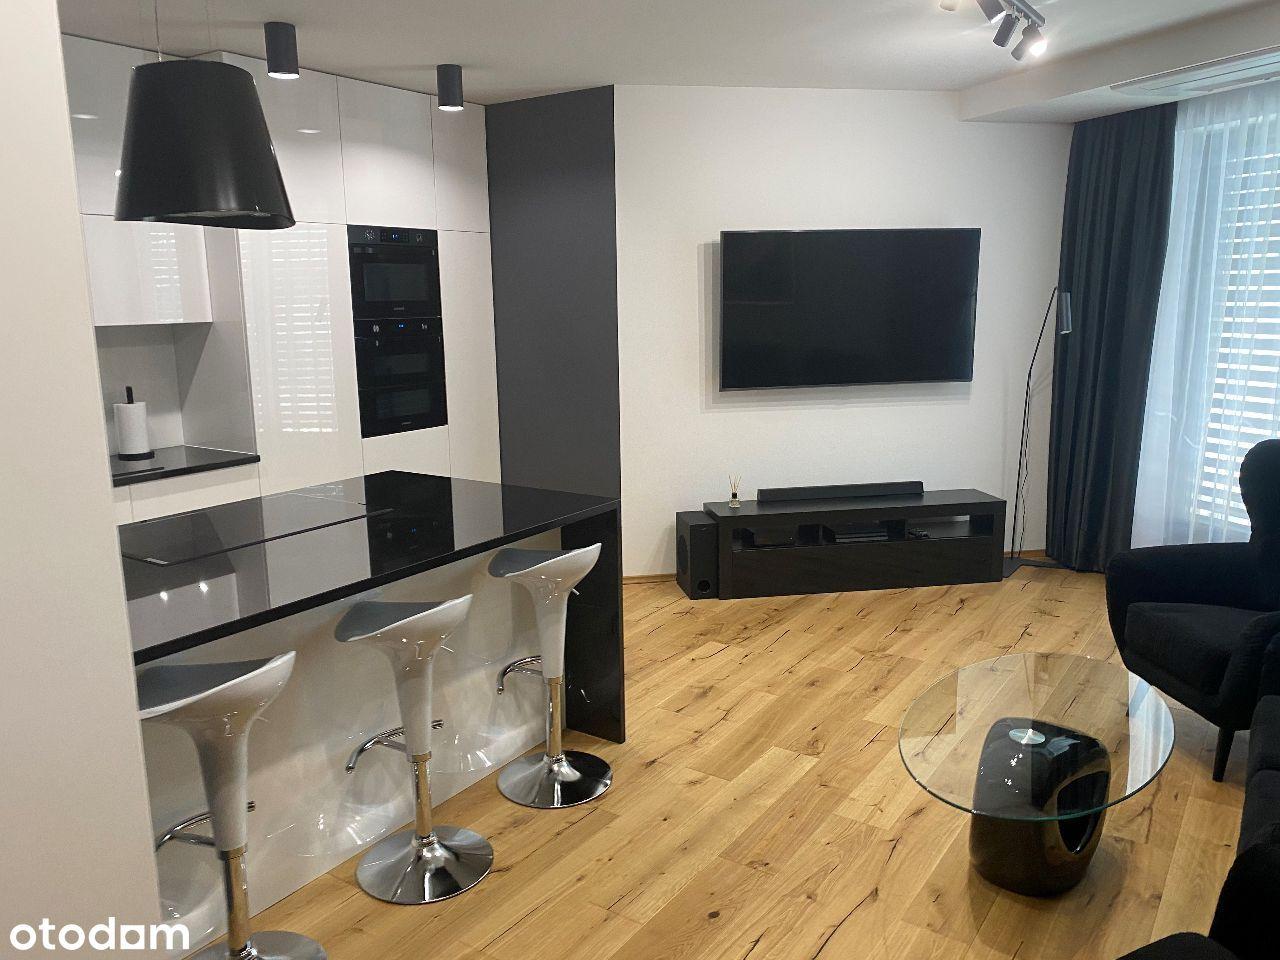 WIŚLANE TARASY II - Nowoczesny apartament